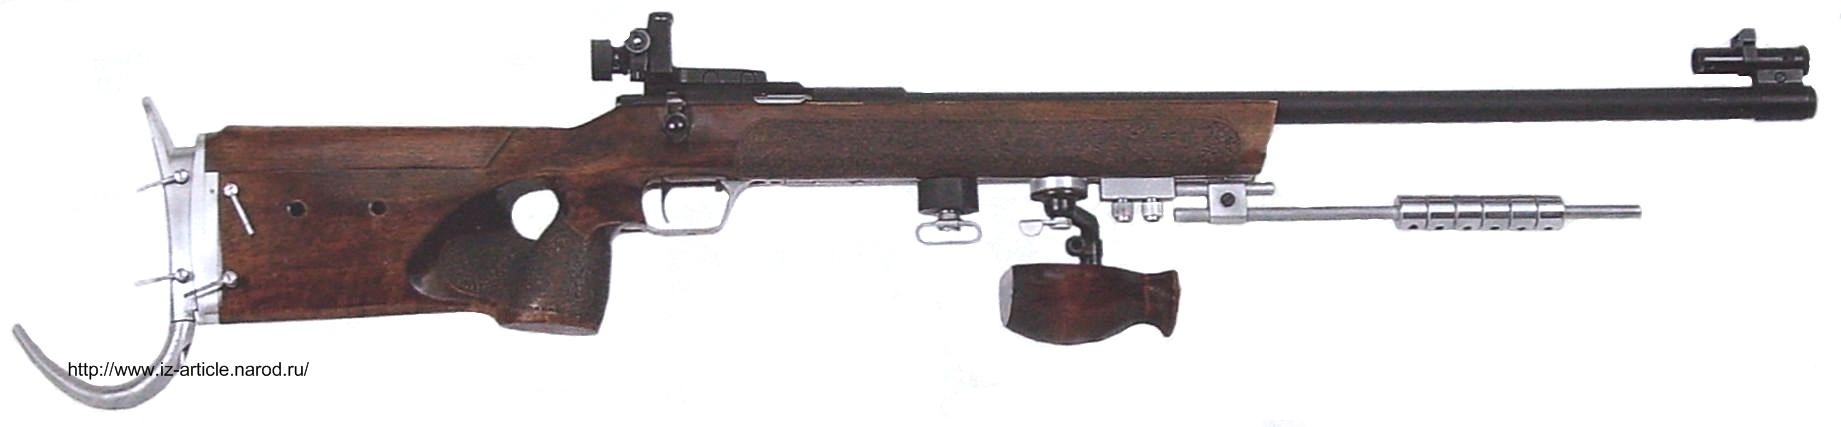 Произвольная малокалиберная винтовка Урал-5-1